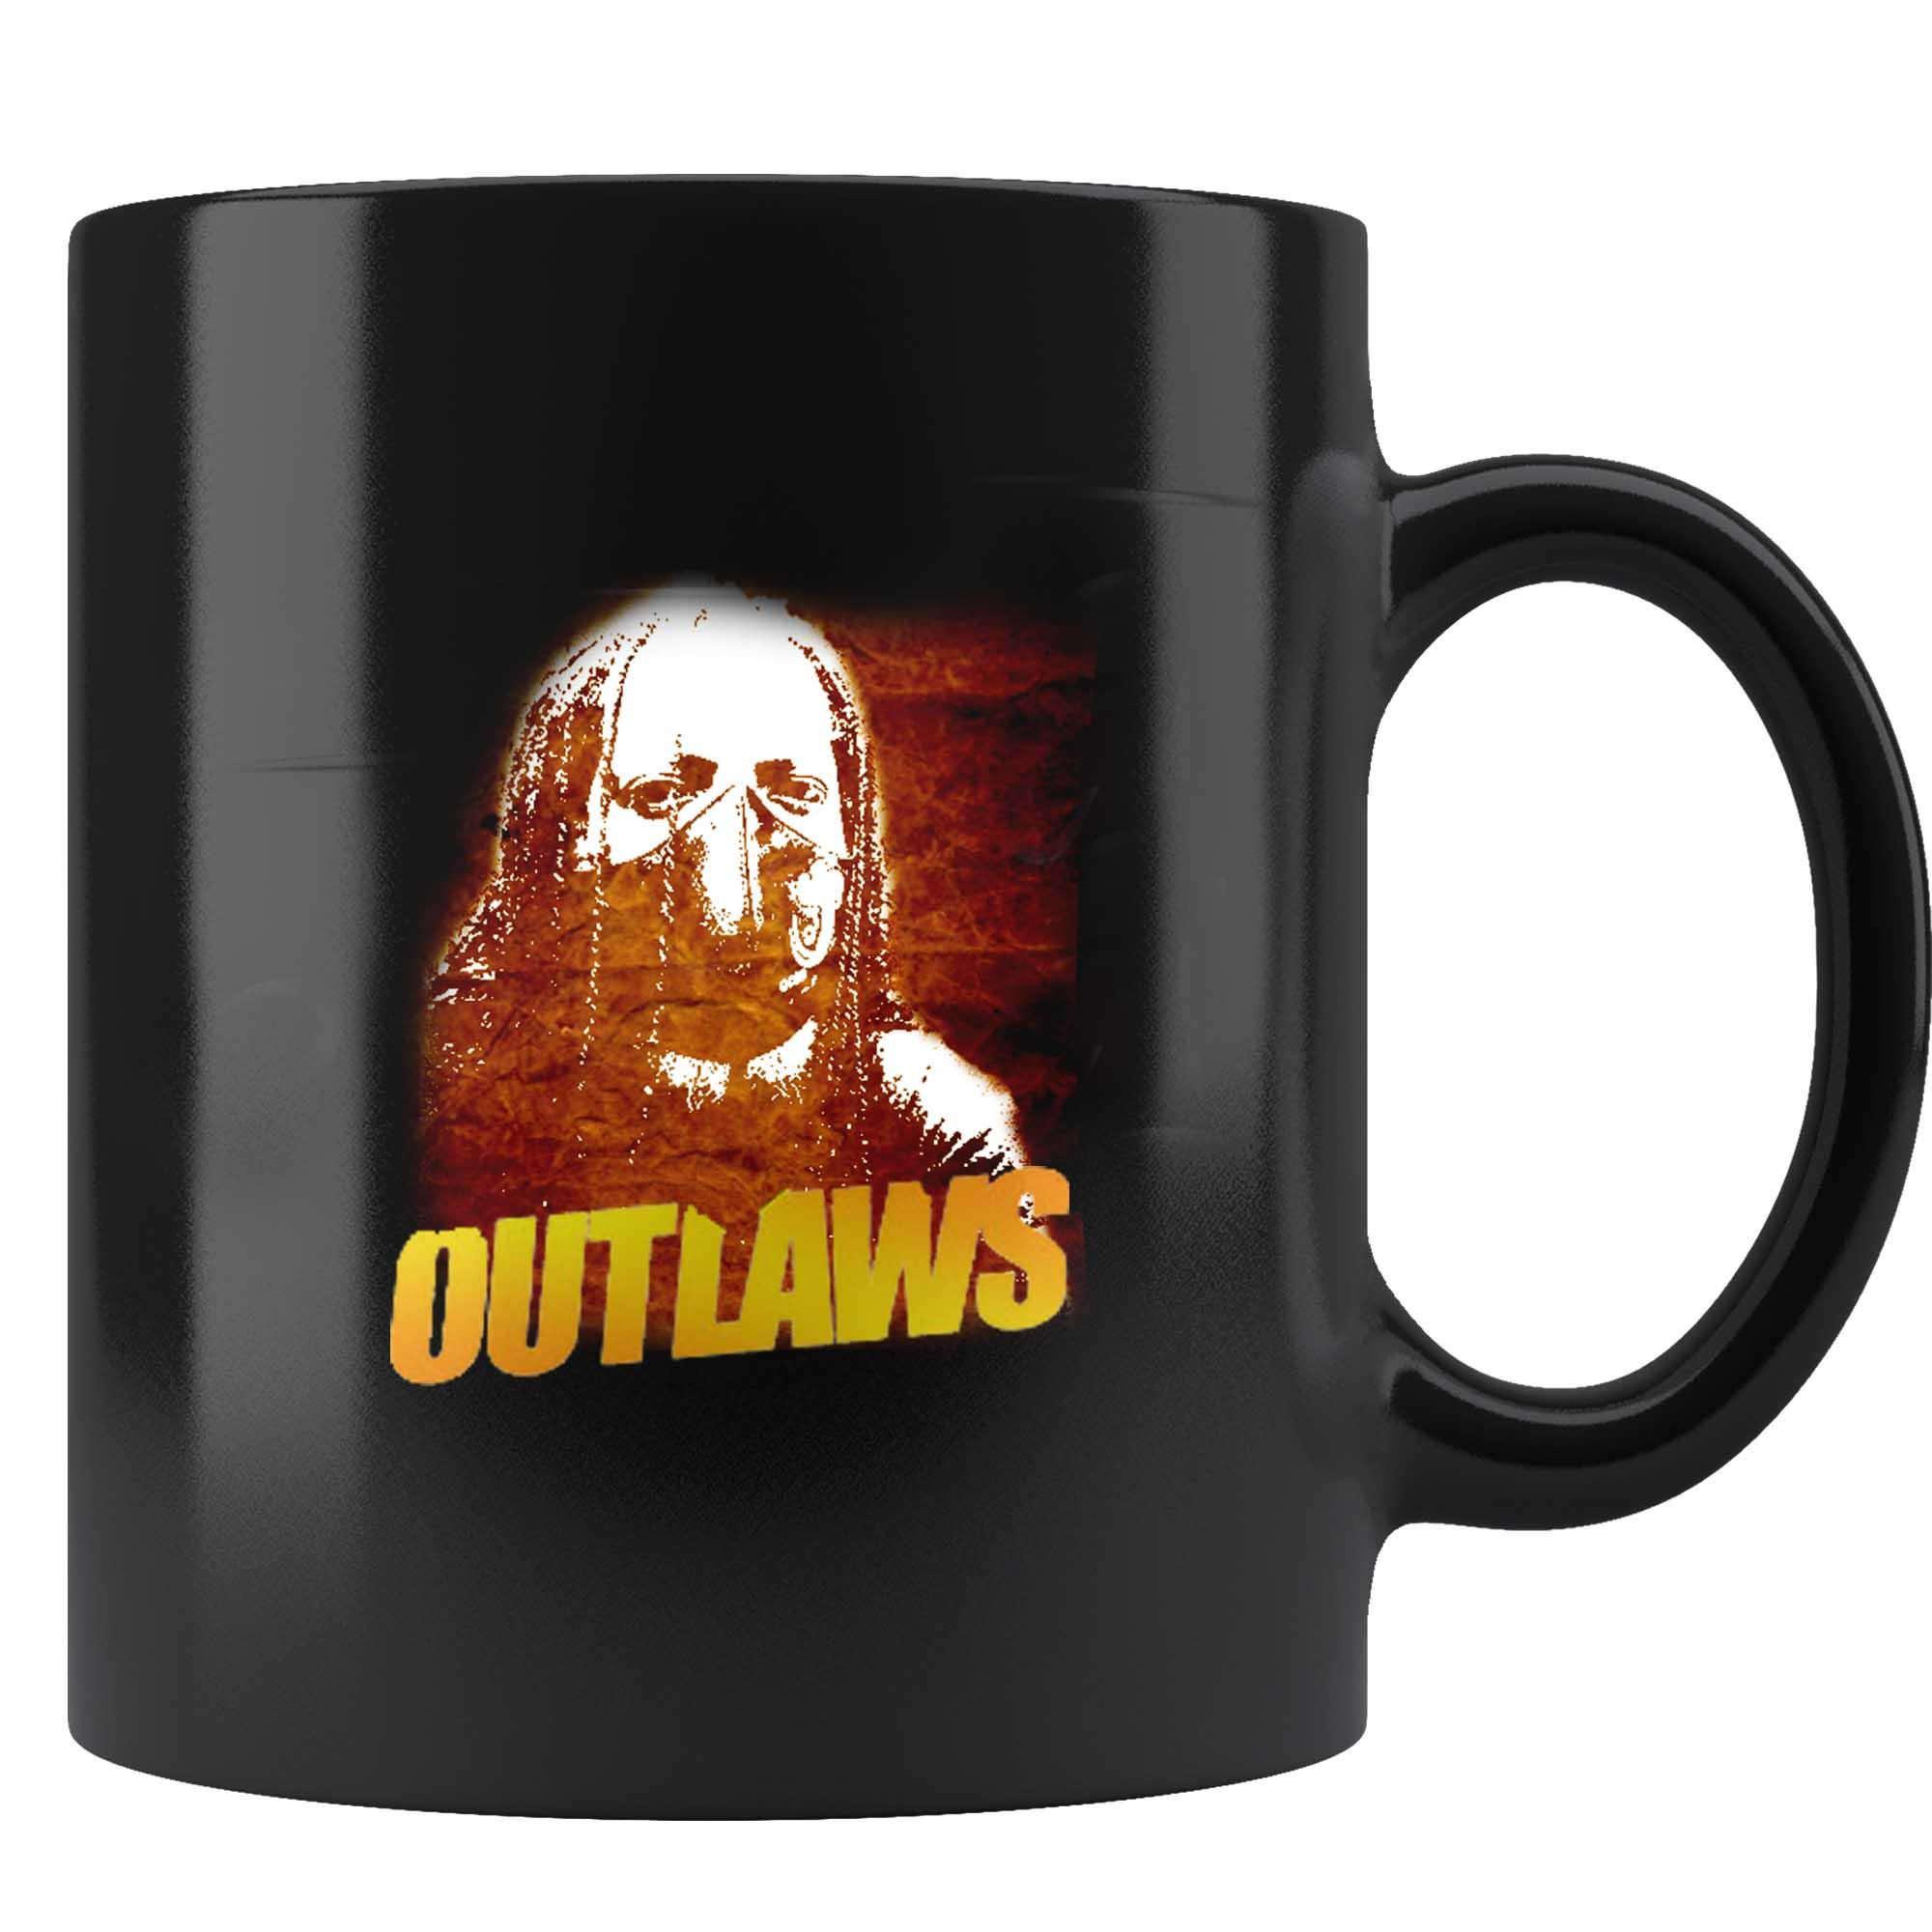 outlaws-coffee-mug